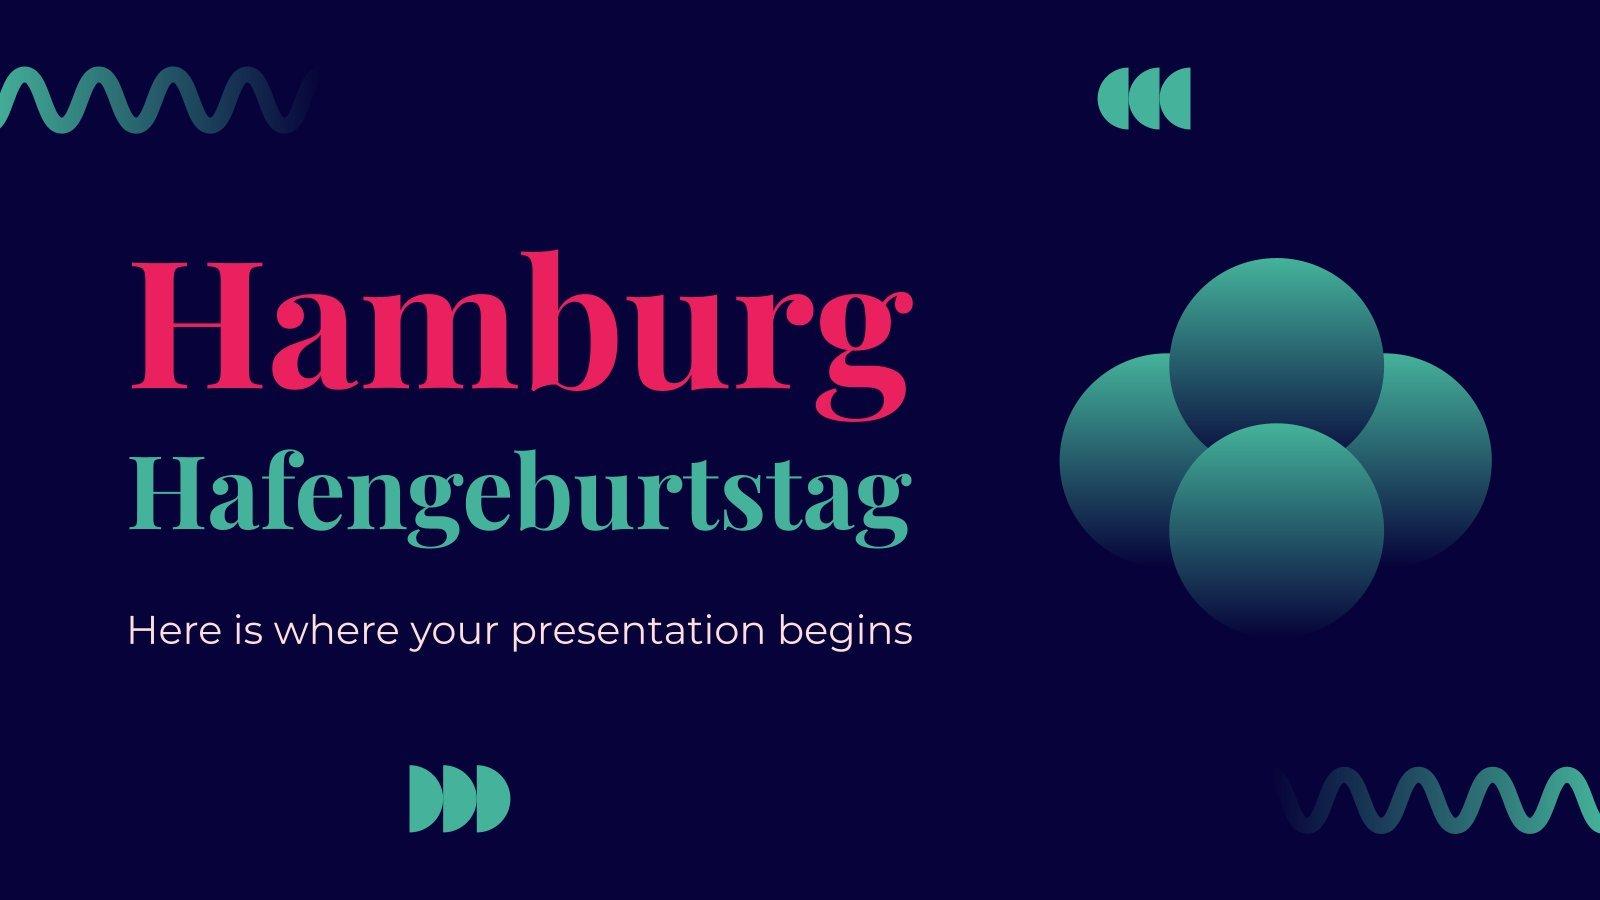 Plantilla de presentación Hamburg Hafengeburtstag